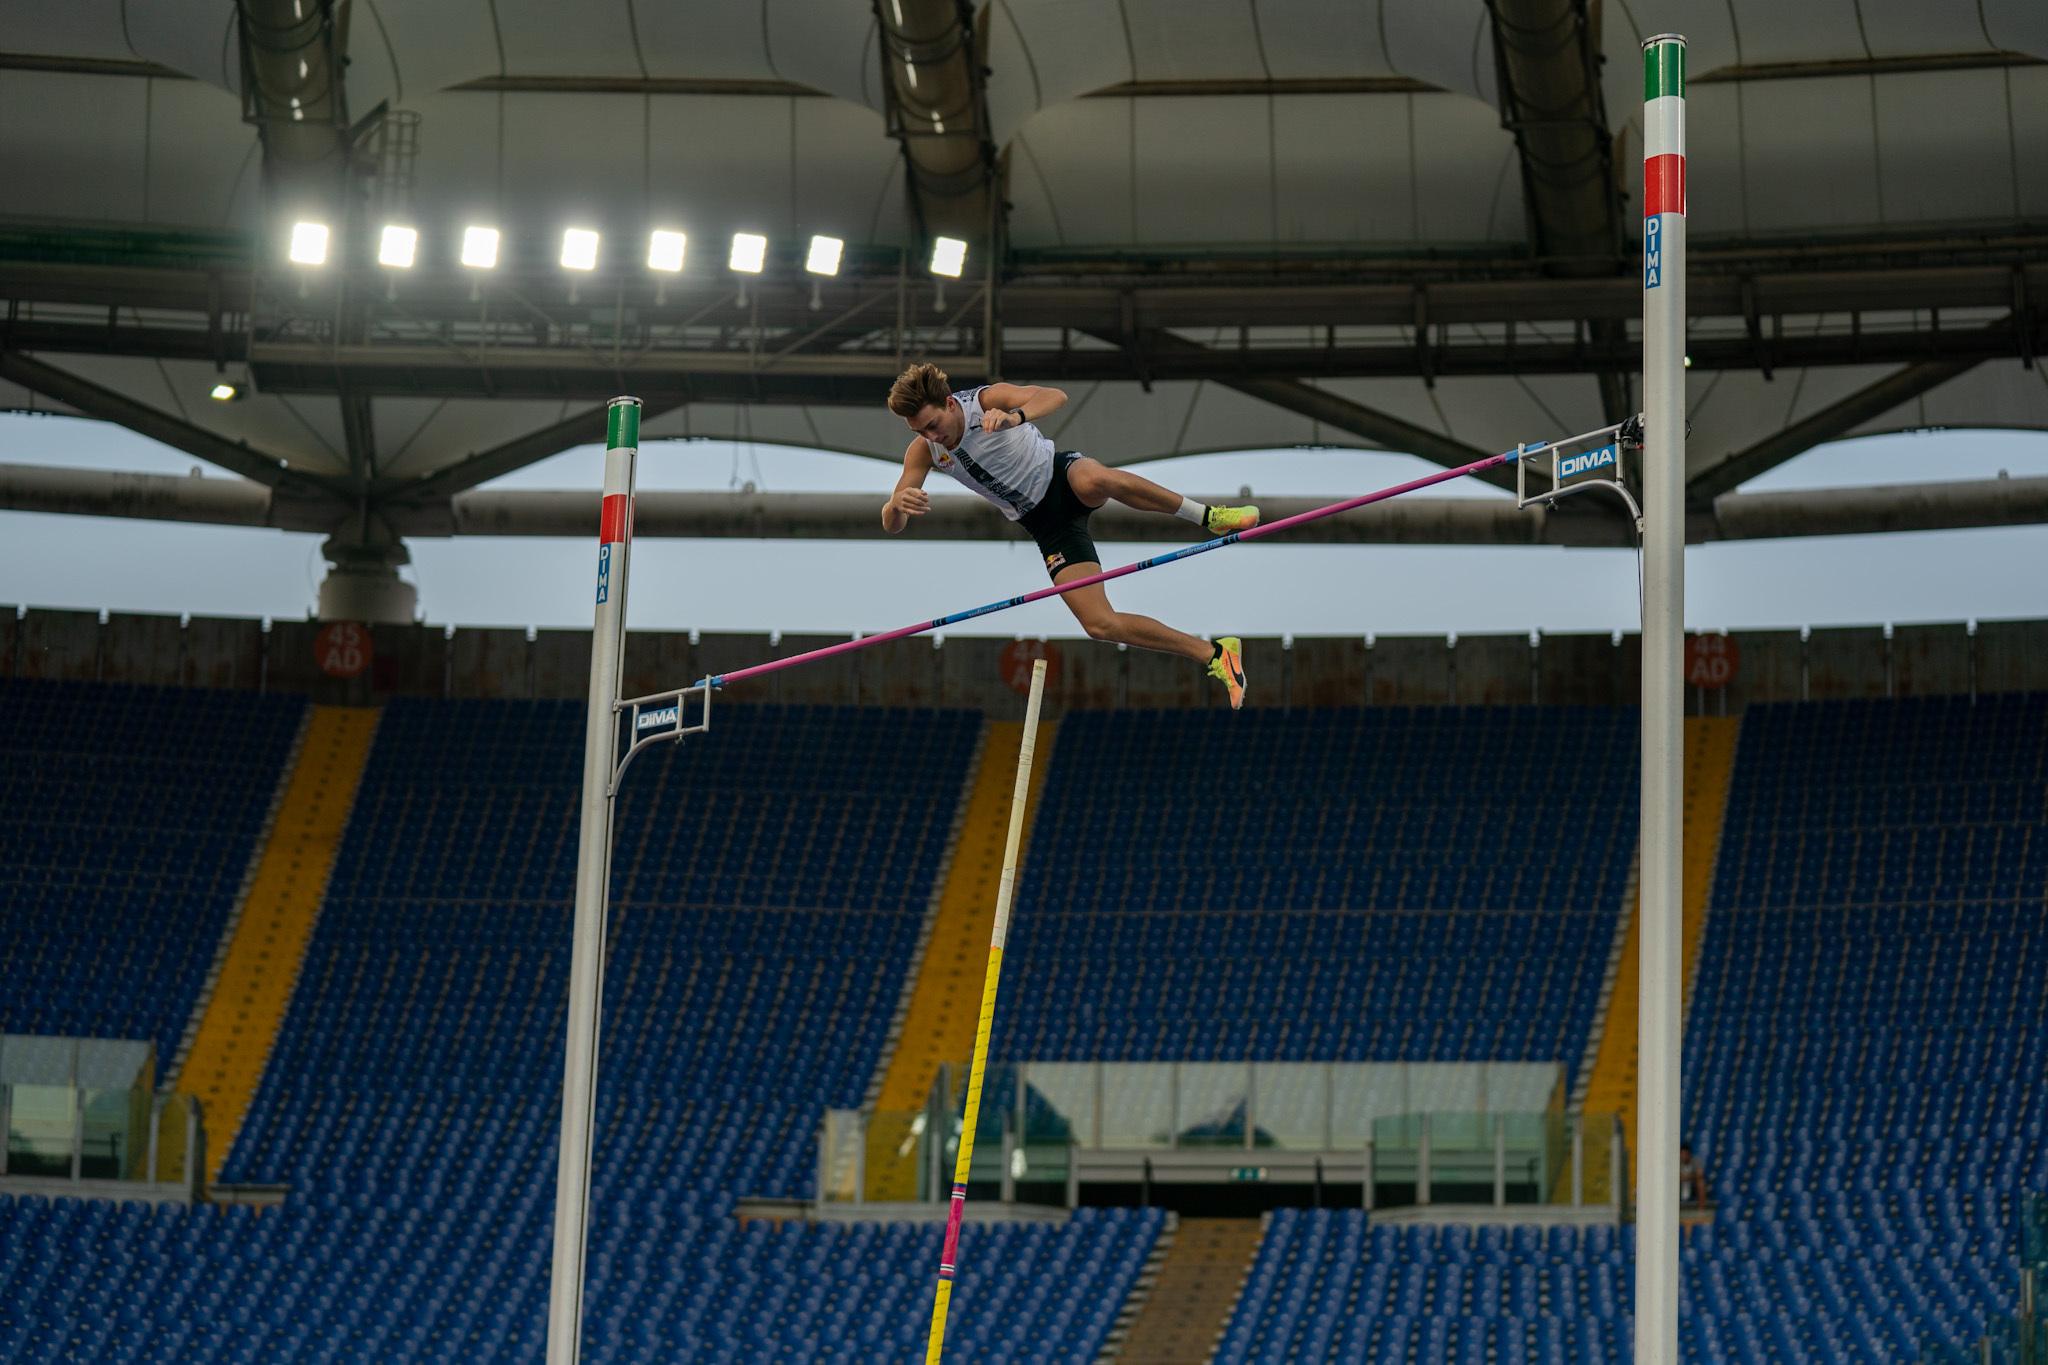 पोल वॉल्टर अर्मांड ने बुबका का 26 साल पुराना विश्व रिकॉर्ड तोड़ा, स्वीडिश खिलाड़ी ने 6.15 मीटर ऊंची छलांग लगाई